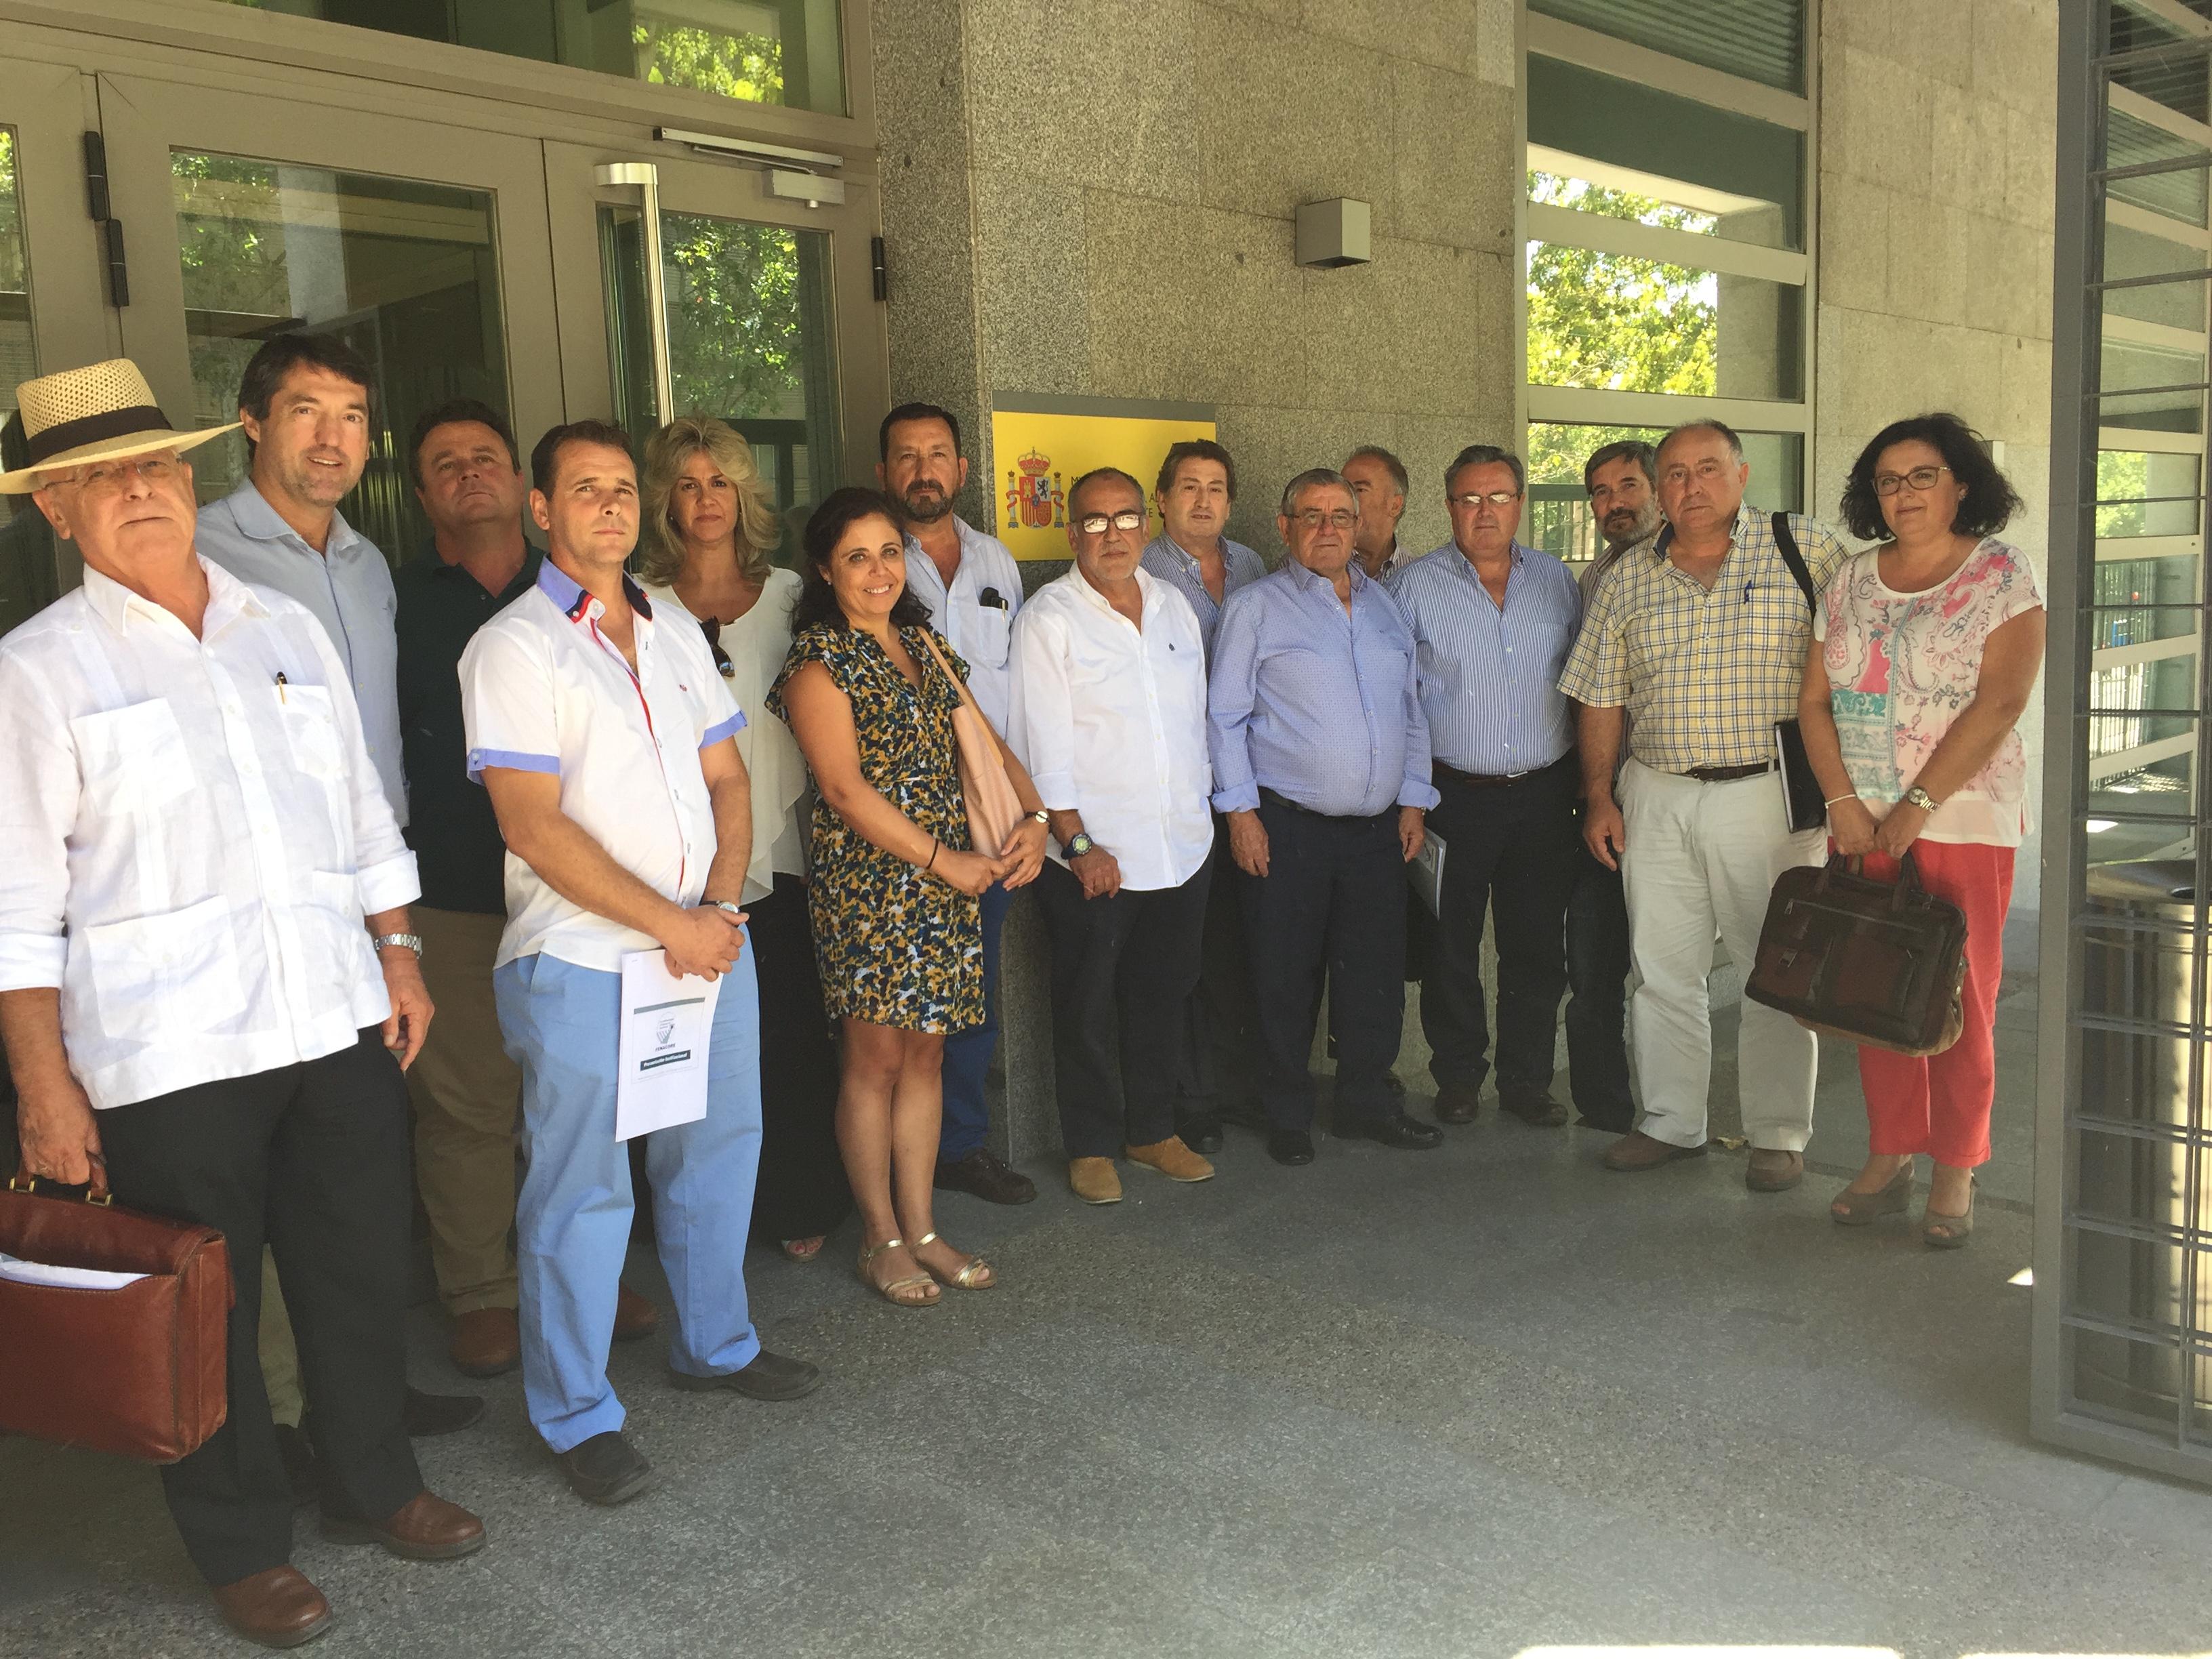 El Ministerio de Agricultura incumple las condiciones de financiación pactadas para la modernización de once comunidades de regantes de Andalucía y Murcia